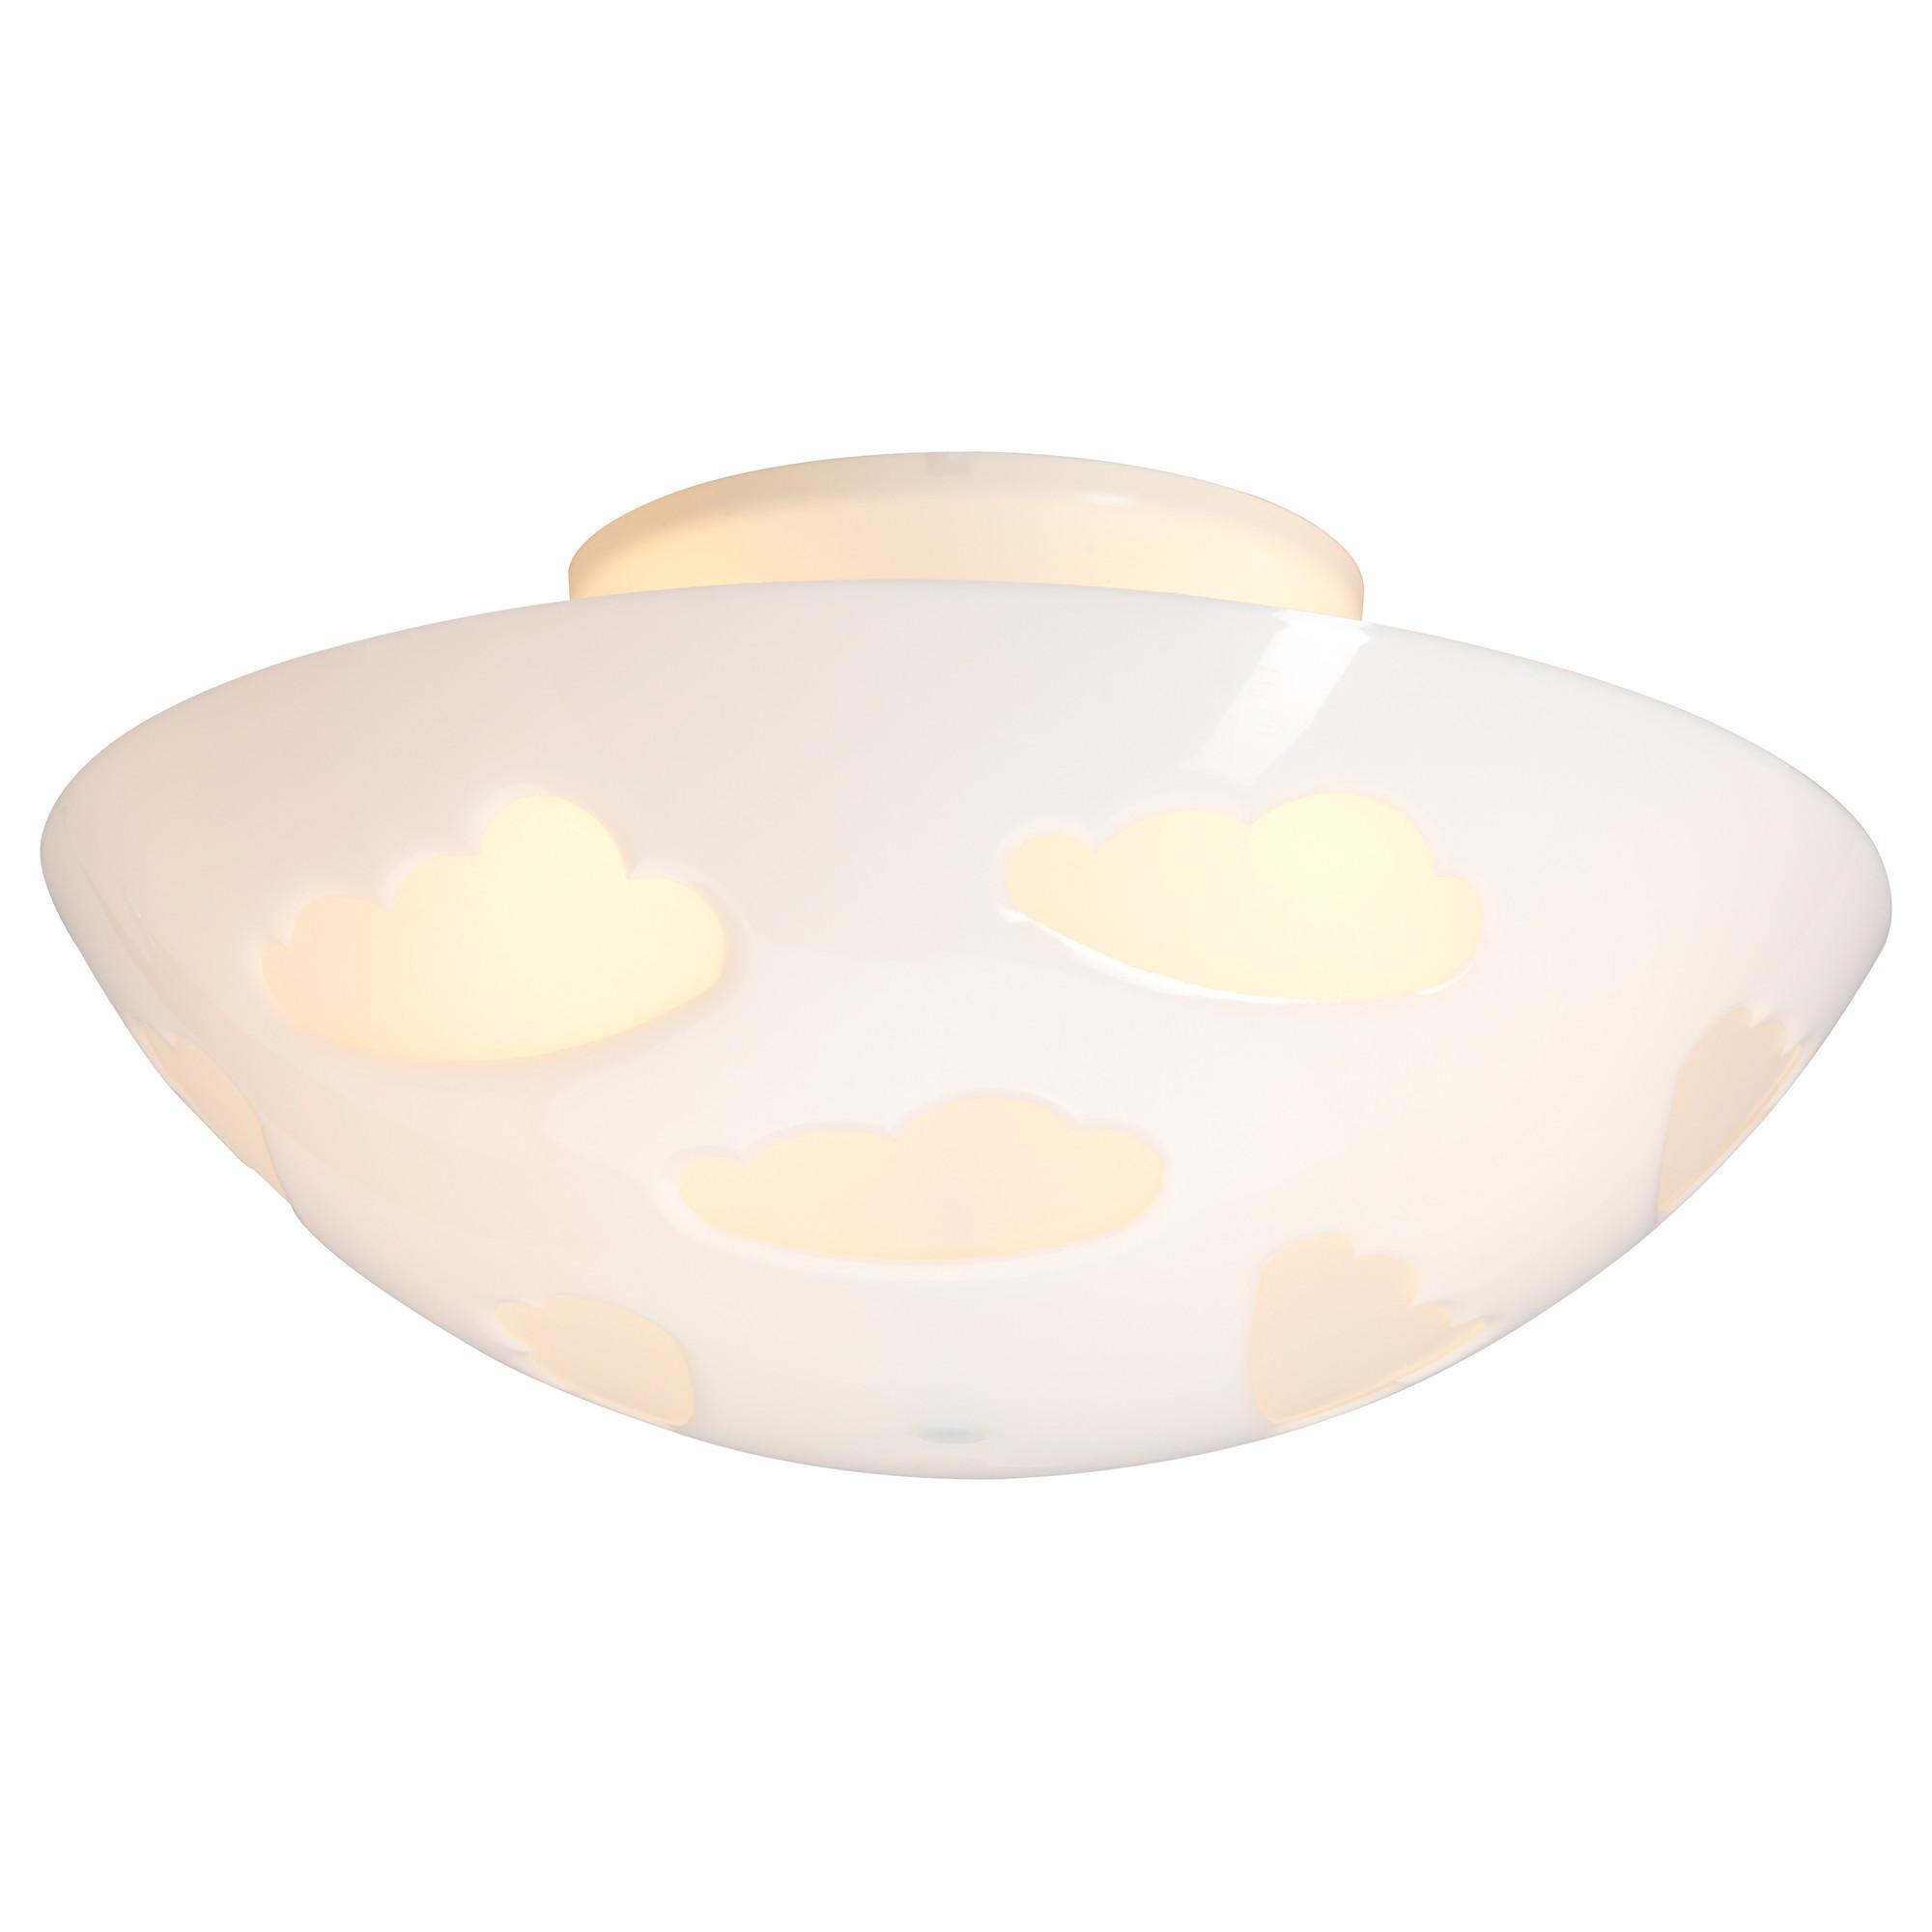 Потолочный светильник СКОЙГ белый артикуль № 804.151.85 в наличии. Интернет магазин ИКЕА РБ. Быстрая доставка и монтаж.